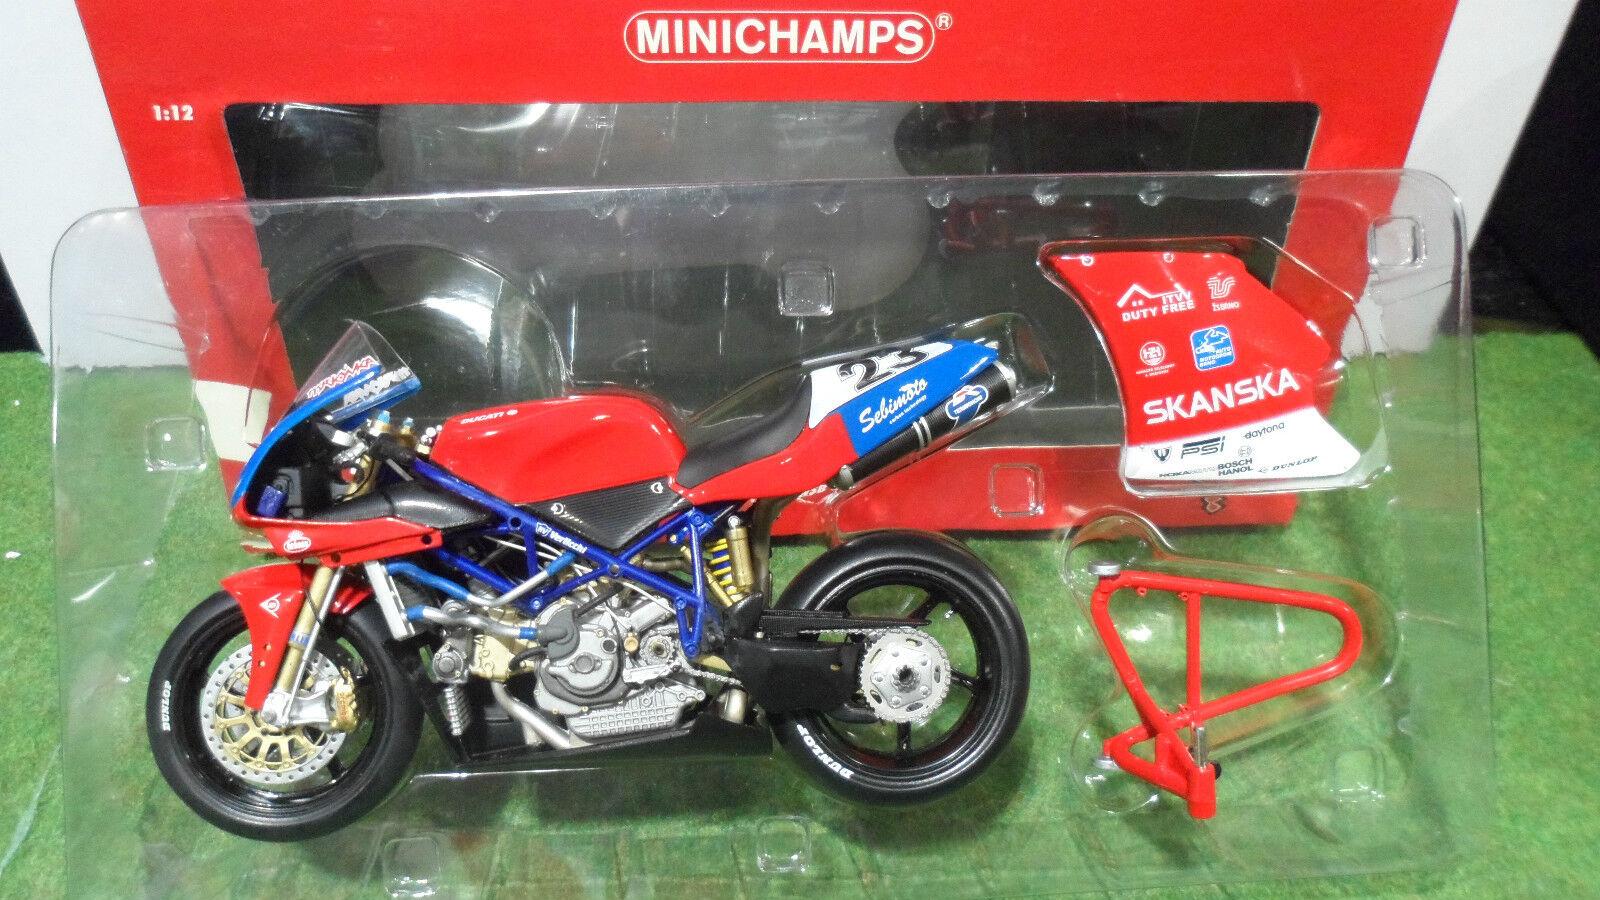 la migliore selezione di MOTO  DUCATI 998 998 998 RS WSB 2003 JIRY Mrkyvka au 1 12 Minichamps 122031223 miniature  caldo